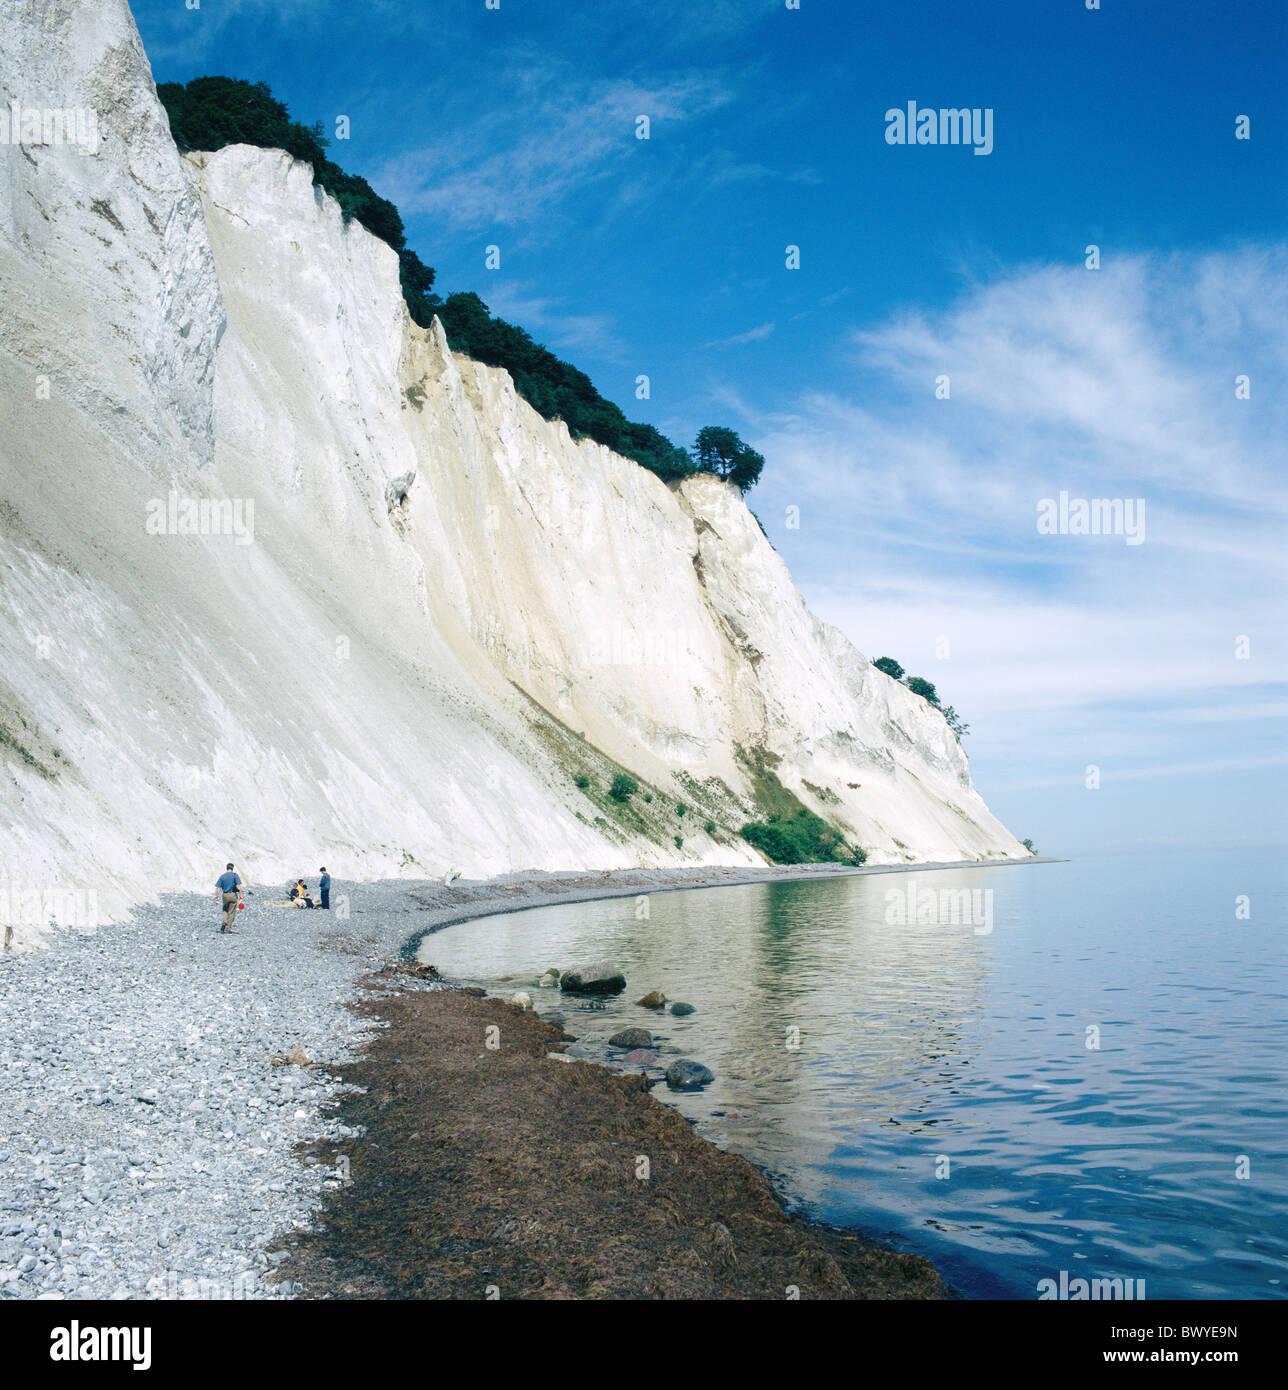 Danemark Europe island île Mon chalk cliffs côte roches mer personnes Mons Klint côte escarpée Banque D'Images